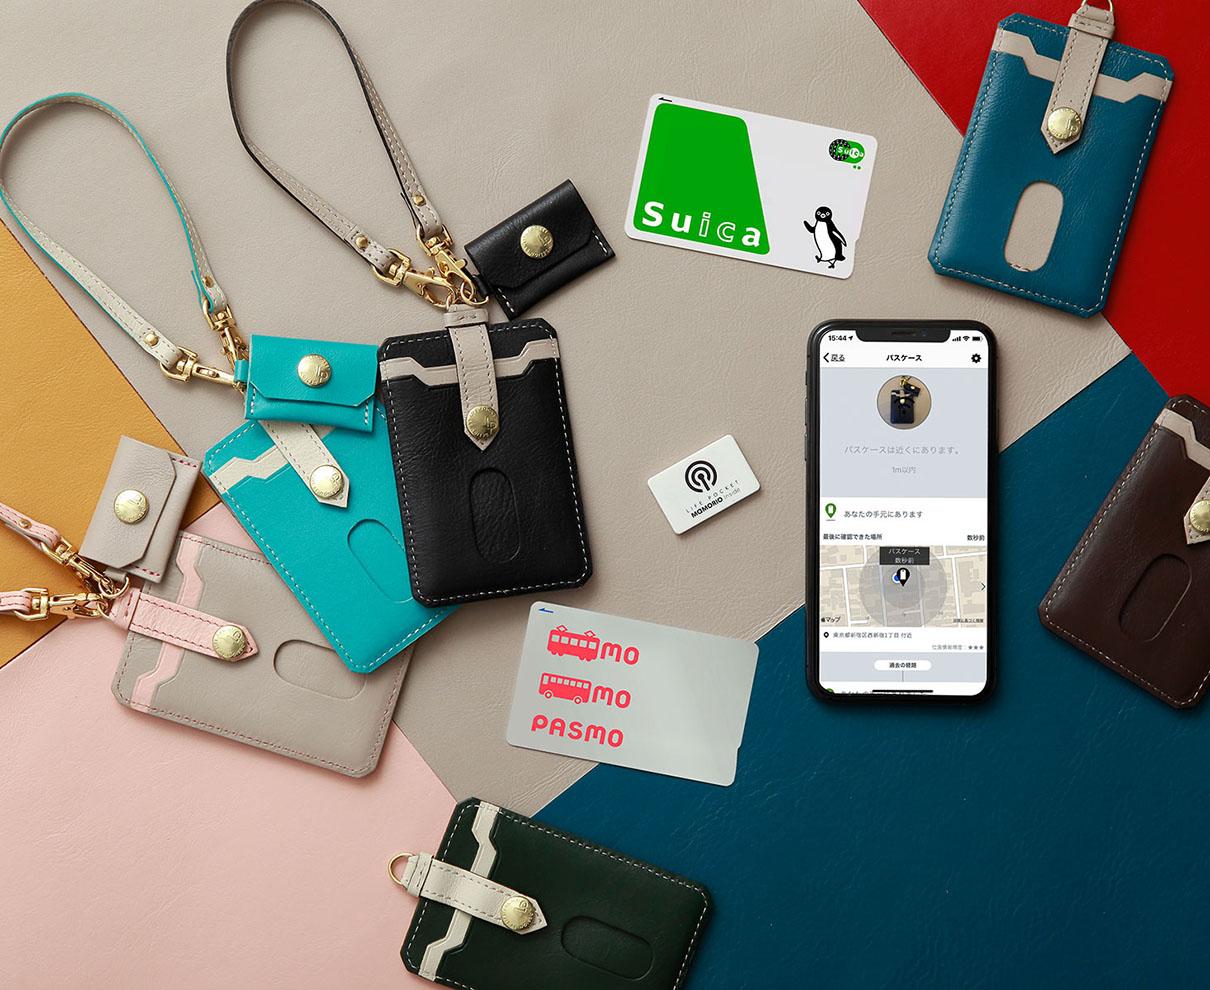 絶対なくさない財布⁉ドラマで川口春奈さんも着用した最強の次世代革製品とは? LIFE POCKET